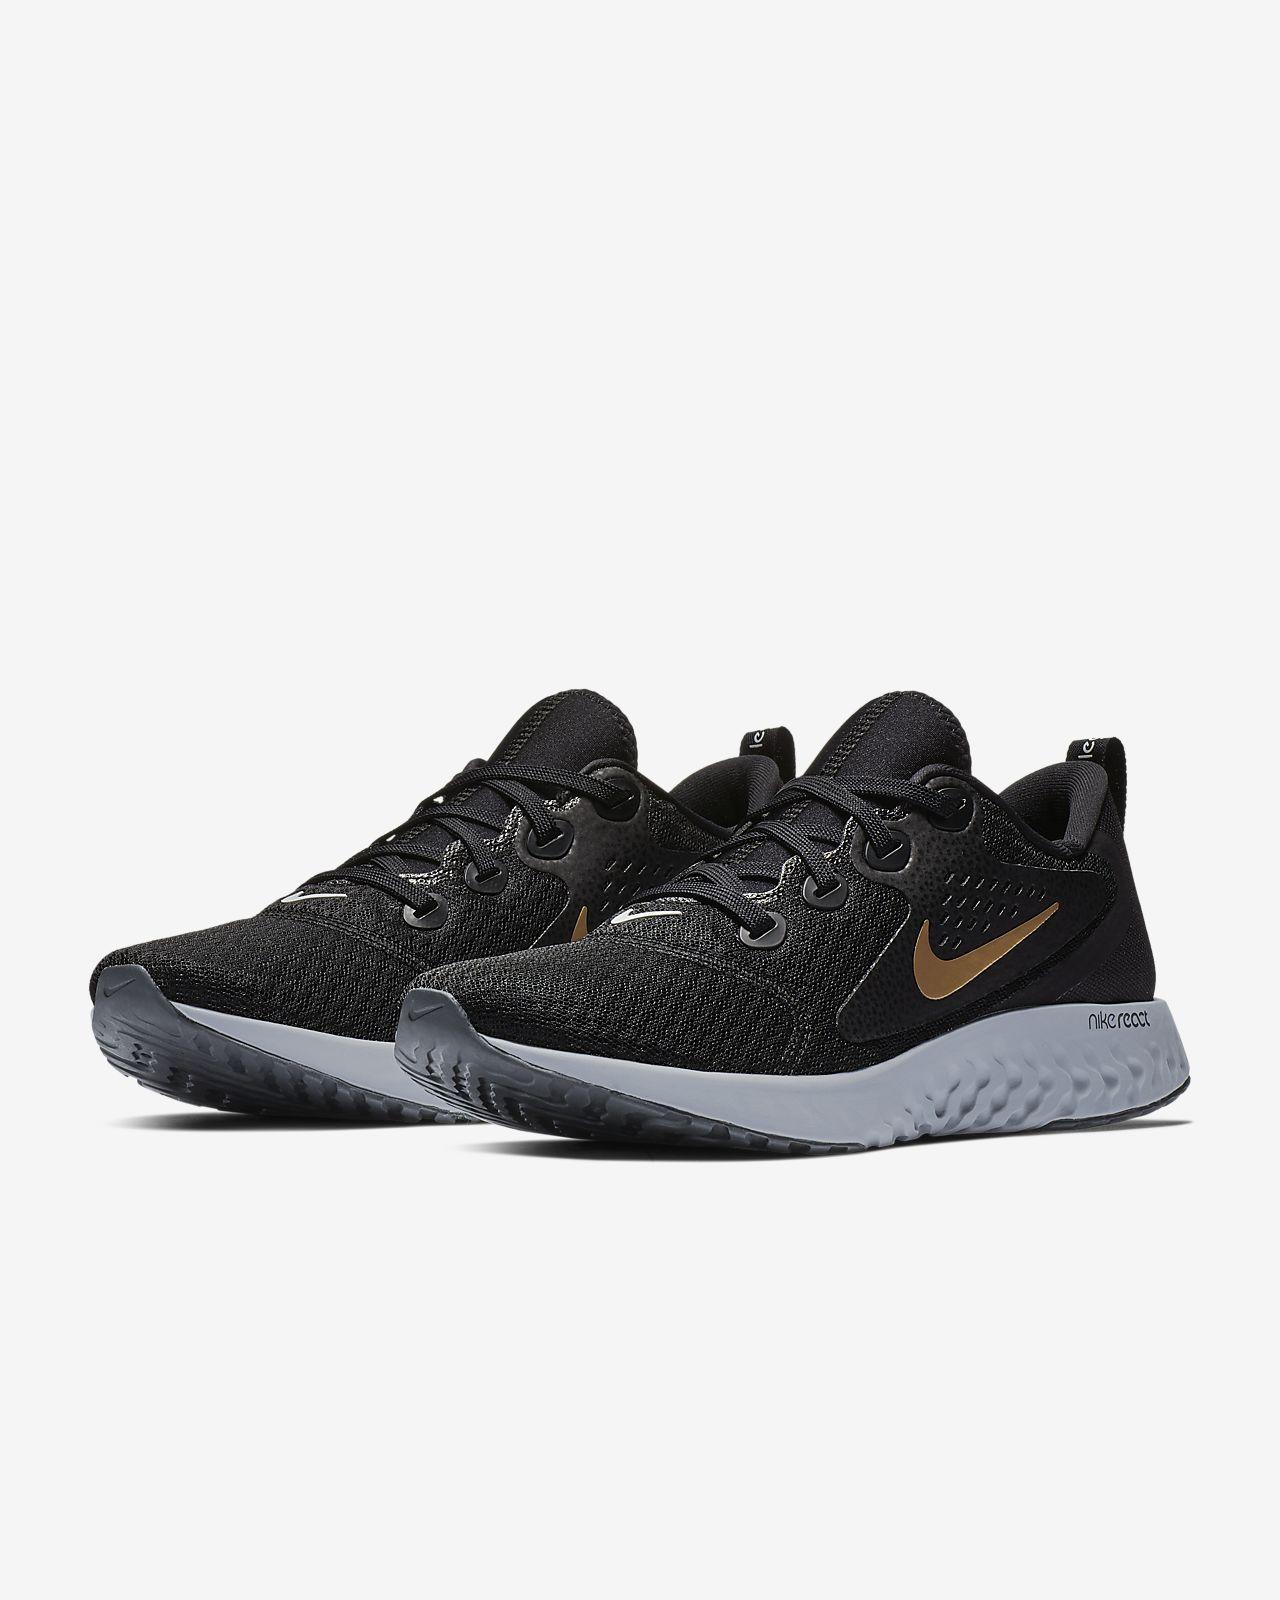 5e21aa78e6c9 Nike Legend React Women s Running Shoe. Nike.com CH